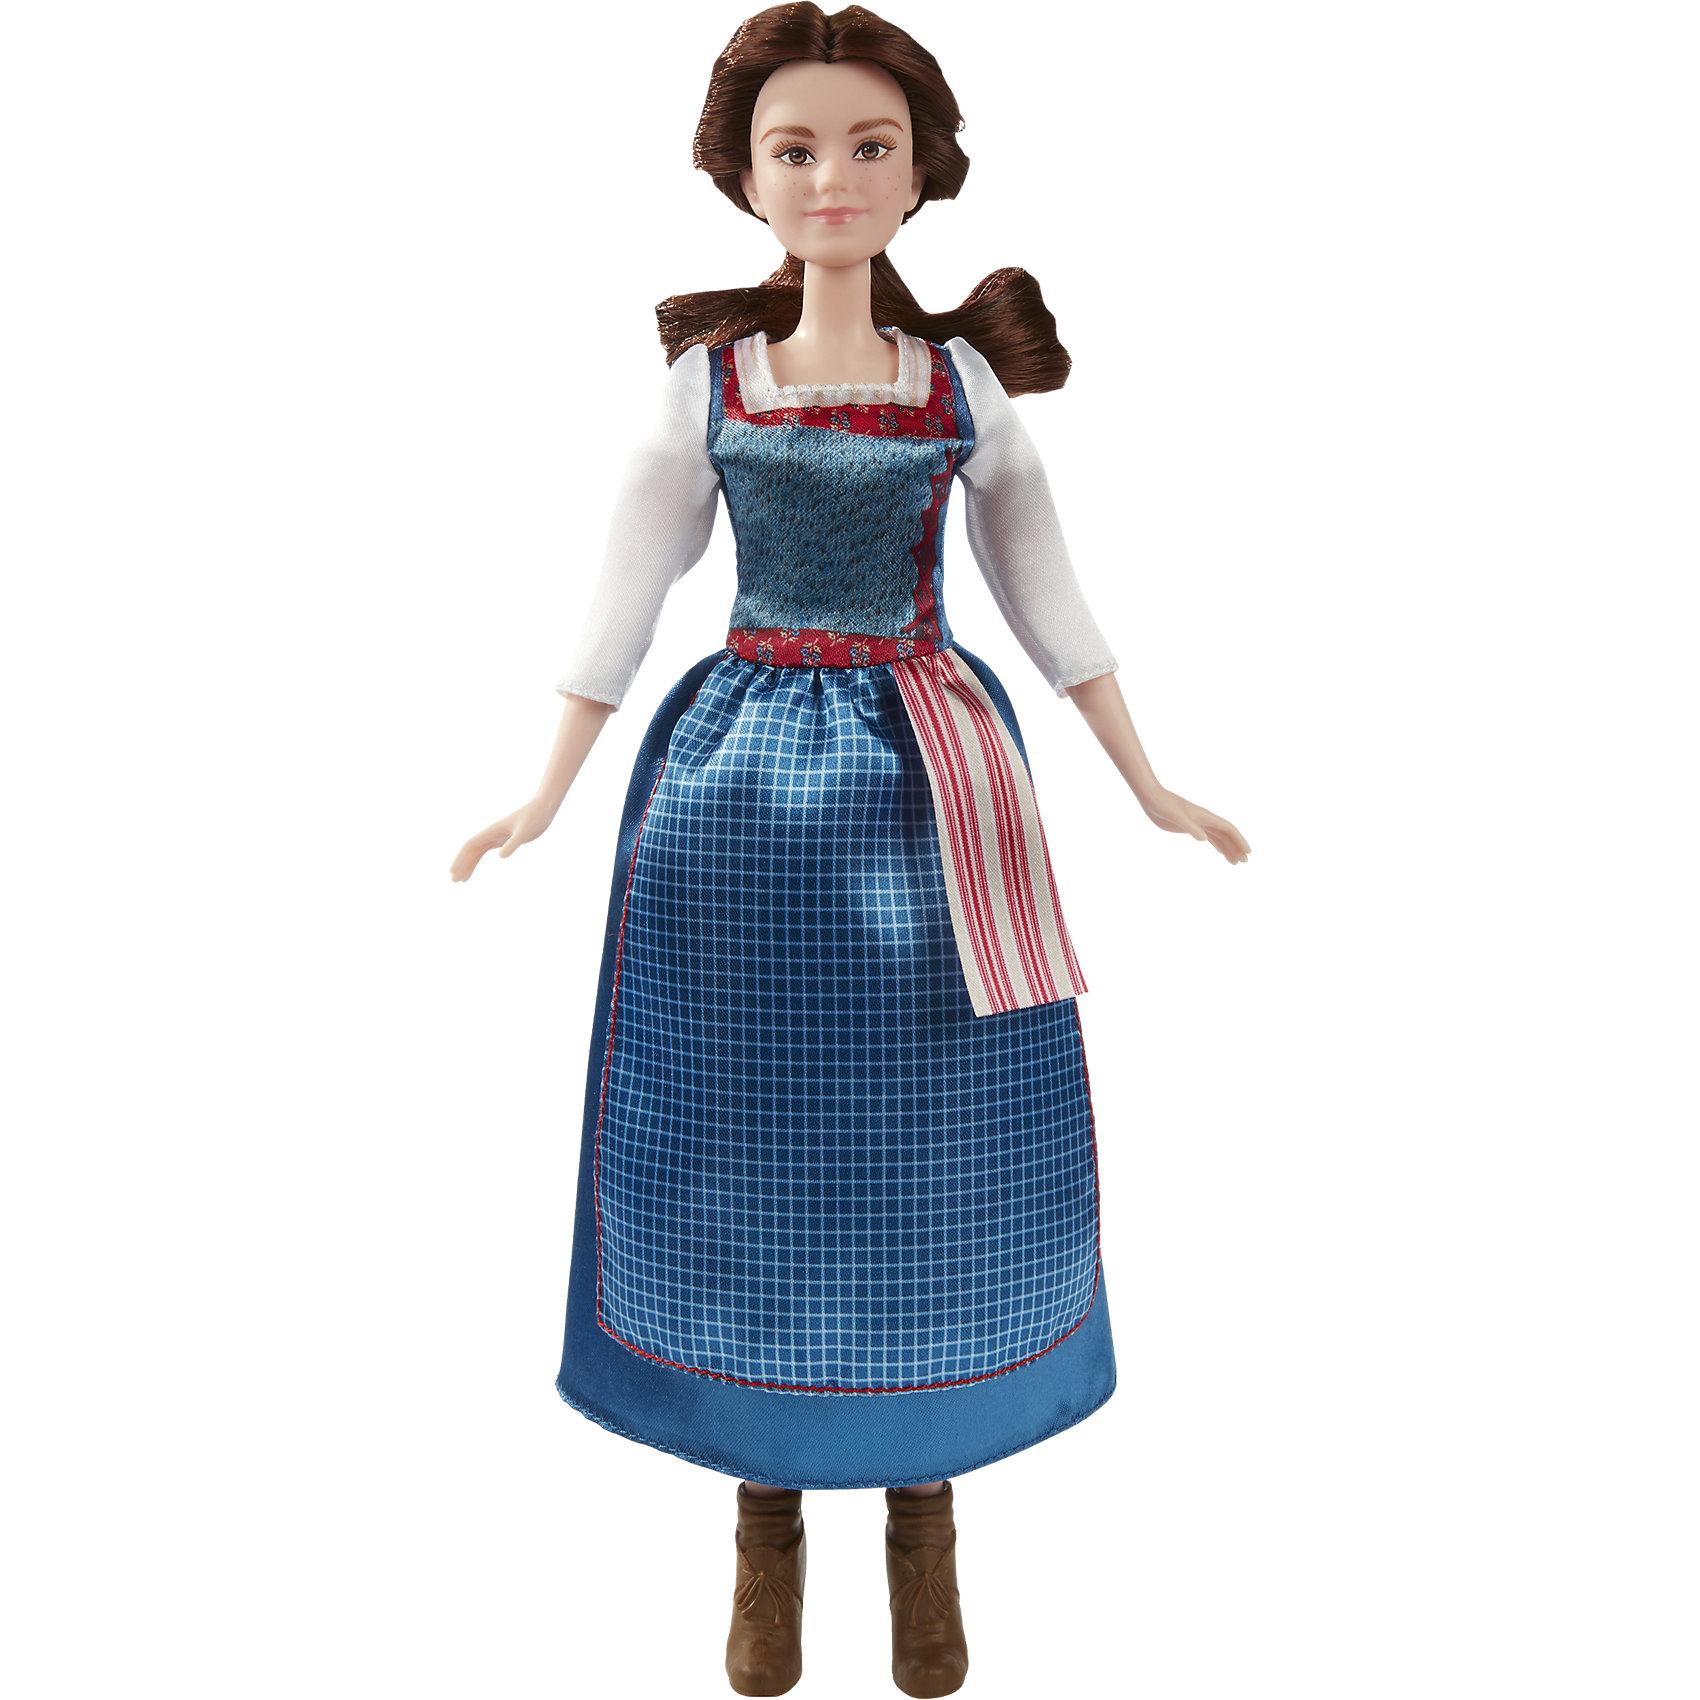 Бэлль в повседневном платье, Принцессы ДиснейКуклы-модели<br>Белль живет в книгах, находя себя в фантазиях и приключениях. Ее жизнь внезапно превращается в роман, в котором она жертвует своей свободой ради жизни в замке, затерянном в волшебстве и таинстве. Кукла одета в легендарное синее платье точь-в-точь как в фильме Дисней «Красавица и Чудовище». Комплект включает в себя куклу, платье и пару туфель.<br><br>Ширина мм: 323<br>Глубина мм: 147<br>Высота мм: 65<br>Вес г: 168<br>Возраст от месяцев: 36<br>Возраст до месяцев: 72<br>Пол: Женский<br>Возраст: Детский<br>SKU: 5129134